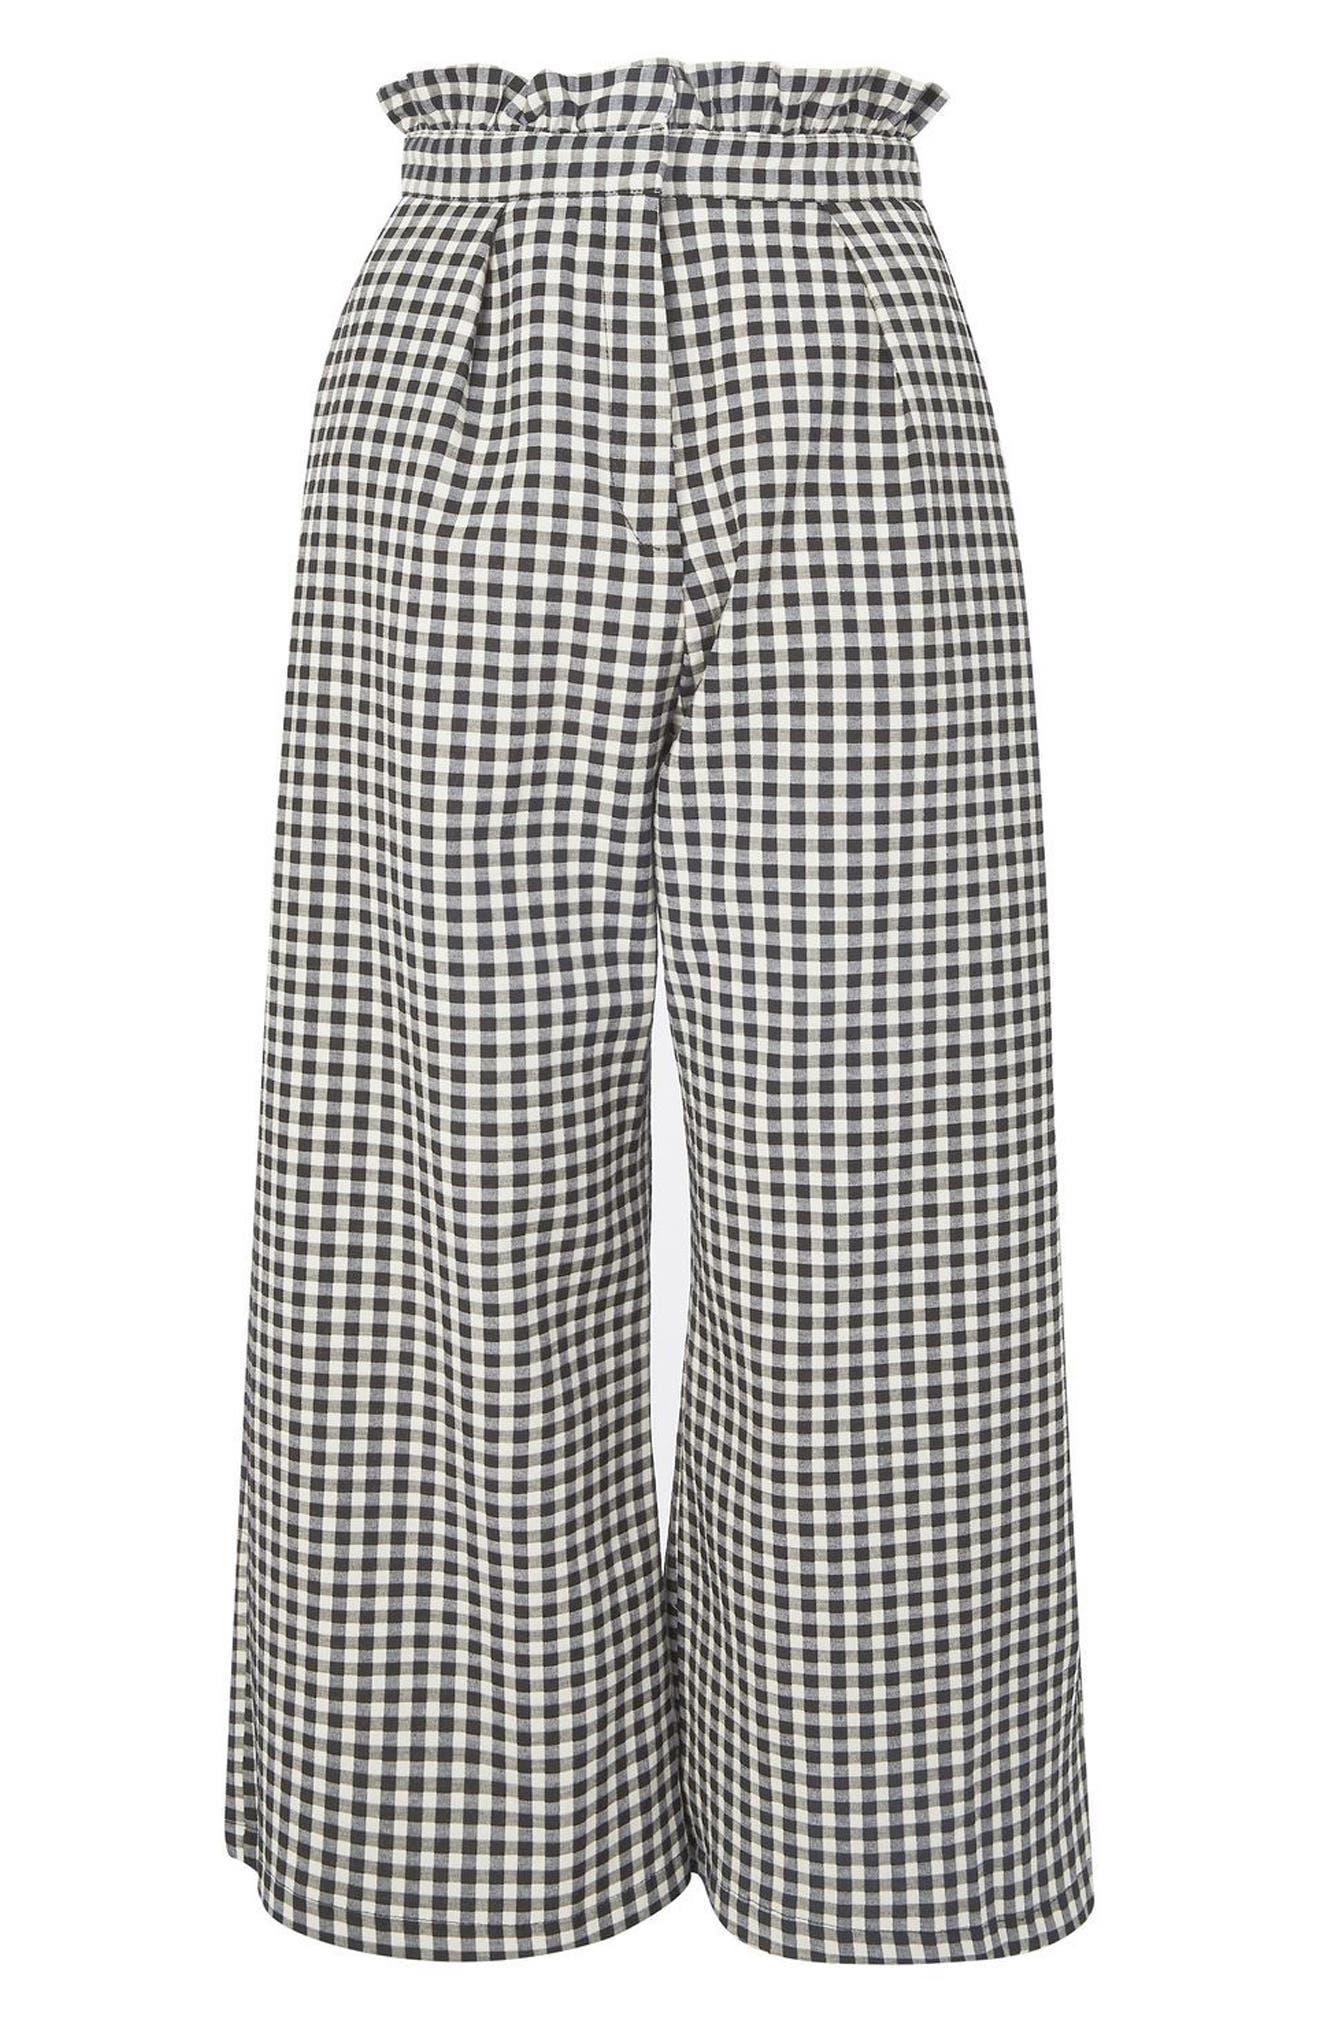 Topshop Ruffle Trim Gingham Trousers (Regular & Petite)